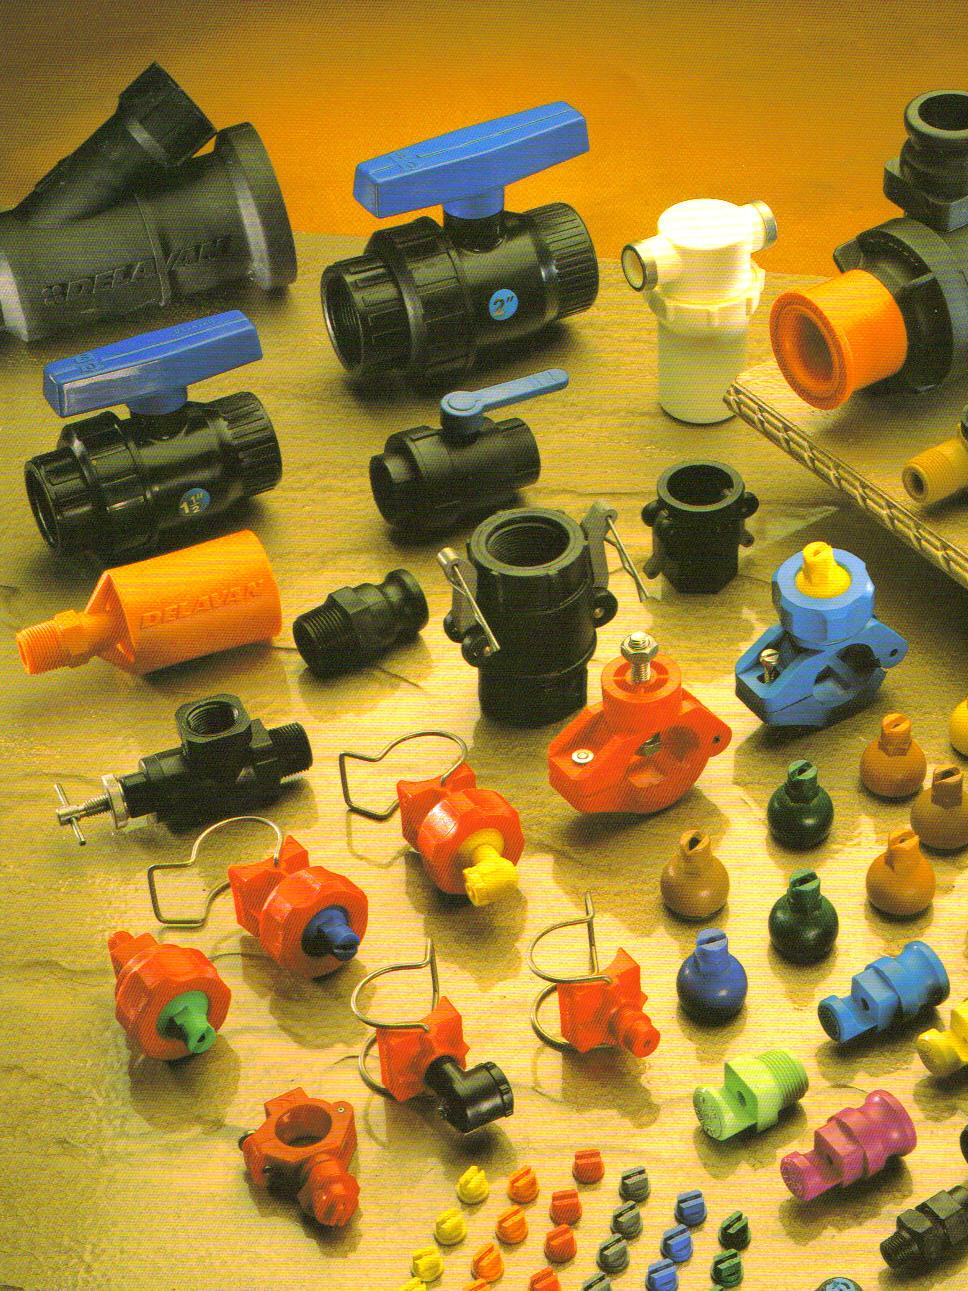 Accessoires pour systemes de pulverisation